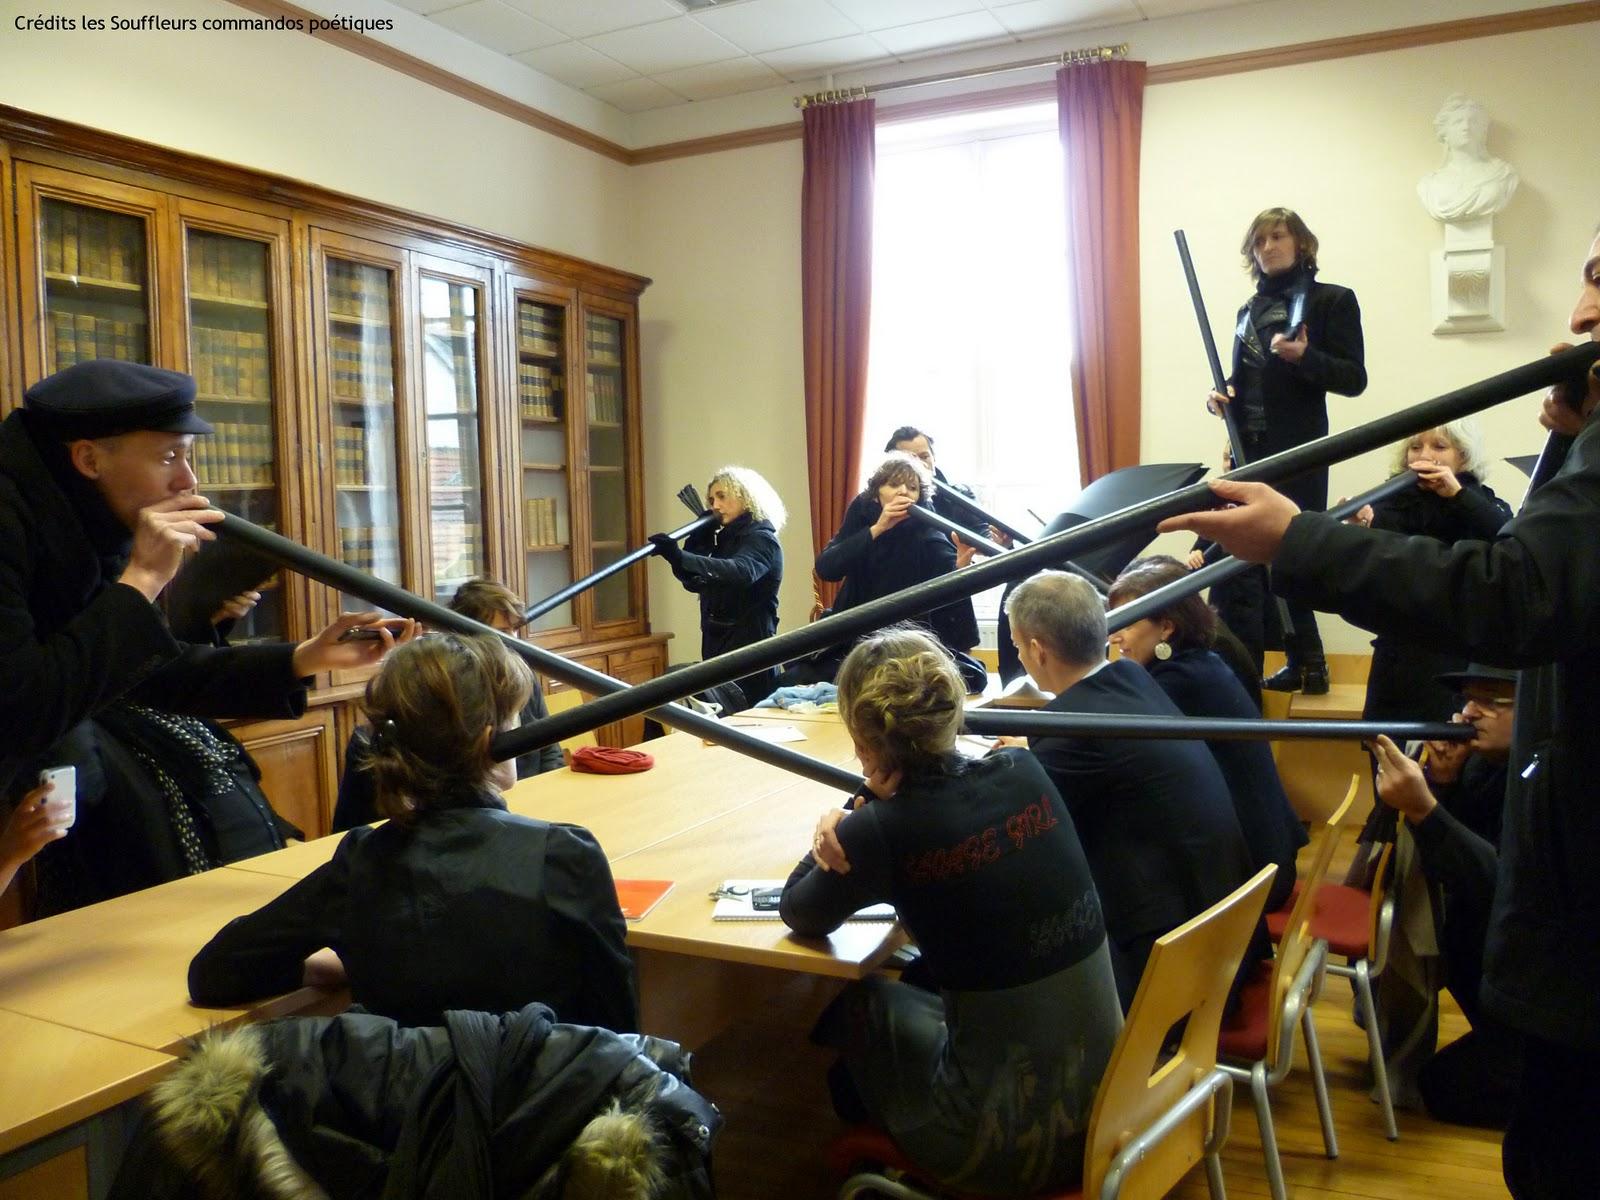 04 février 2011 : Attaque de la Mairie de Coulommiers